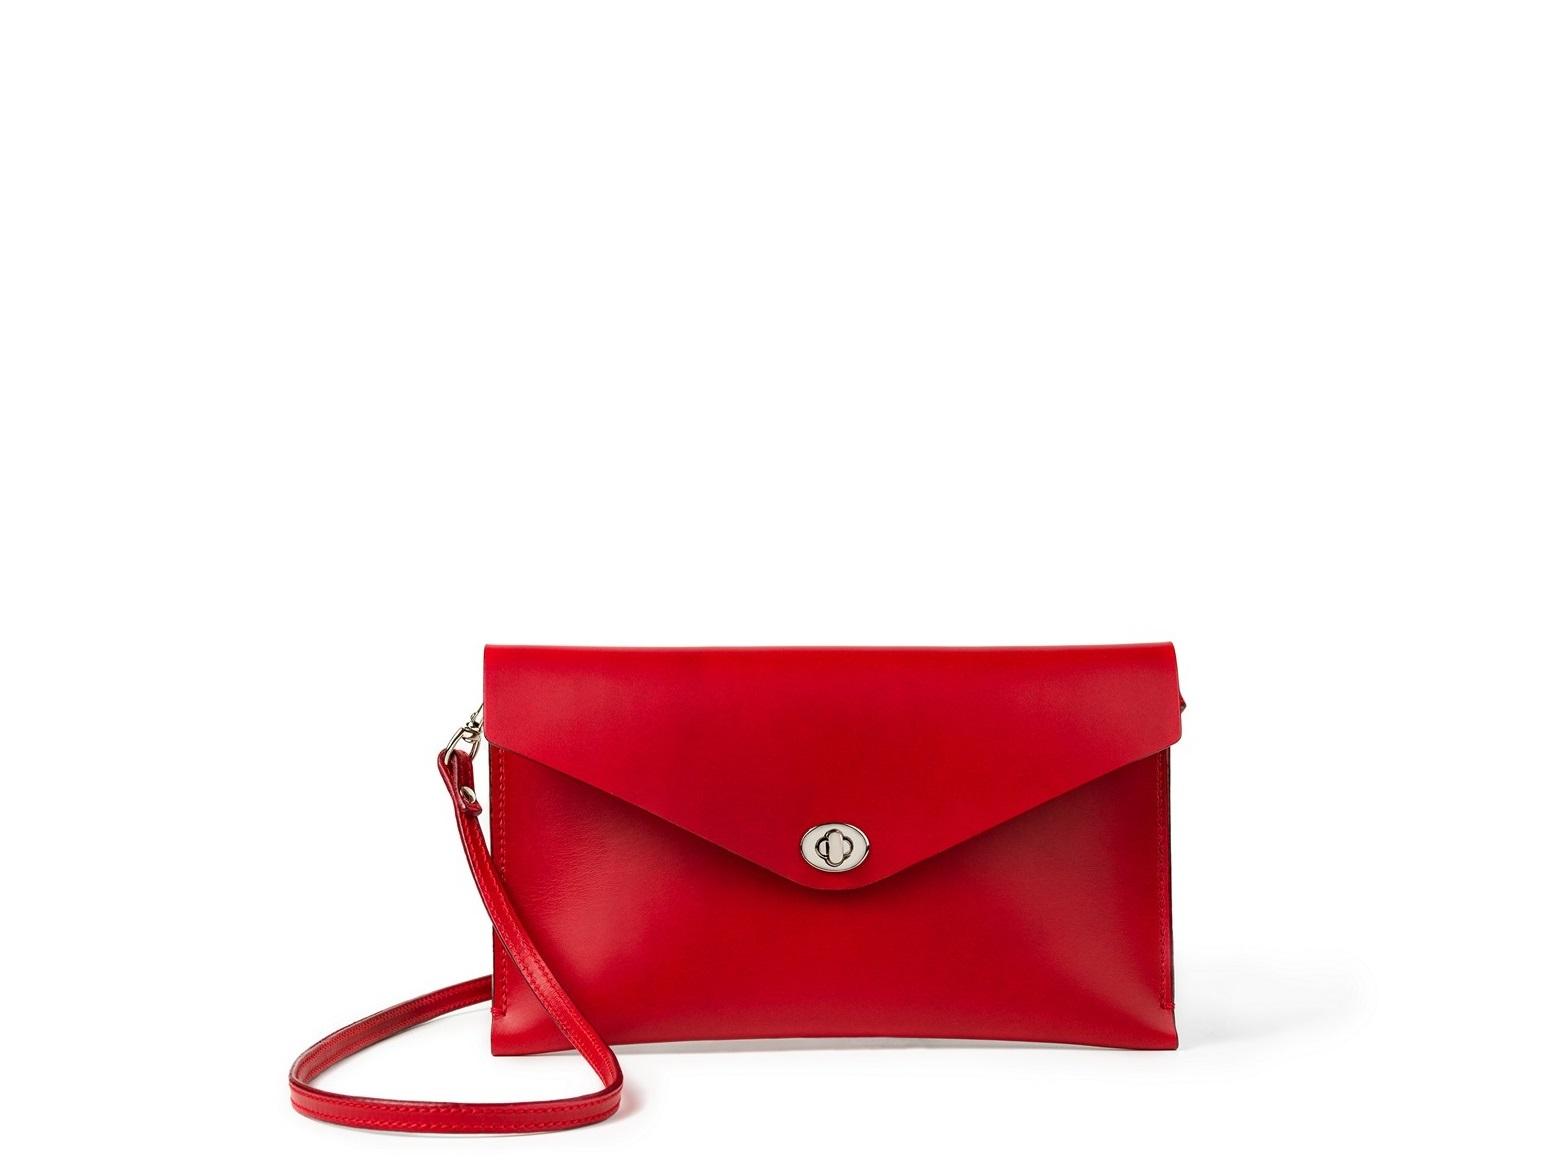 Malá kabelka z vysoce kvalitní italské usně, s koženým řemínkem